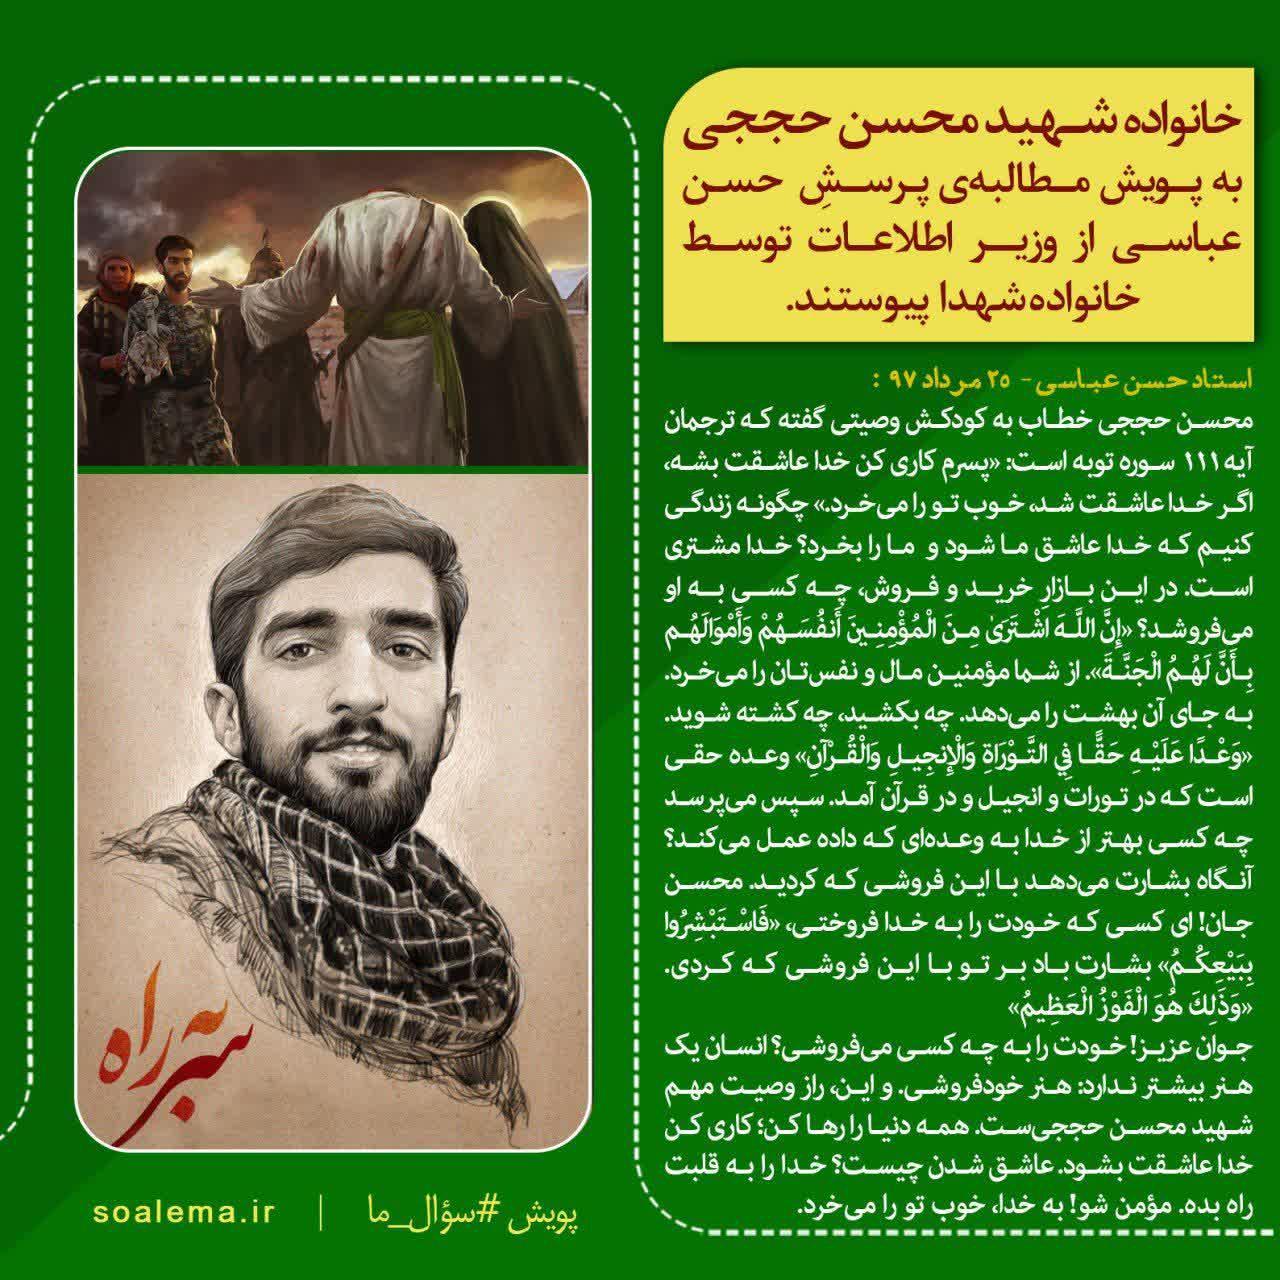 http://dl-abbasi.ir/yekta/1398/Graphic/Shohada/Shakhes10.jpg